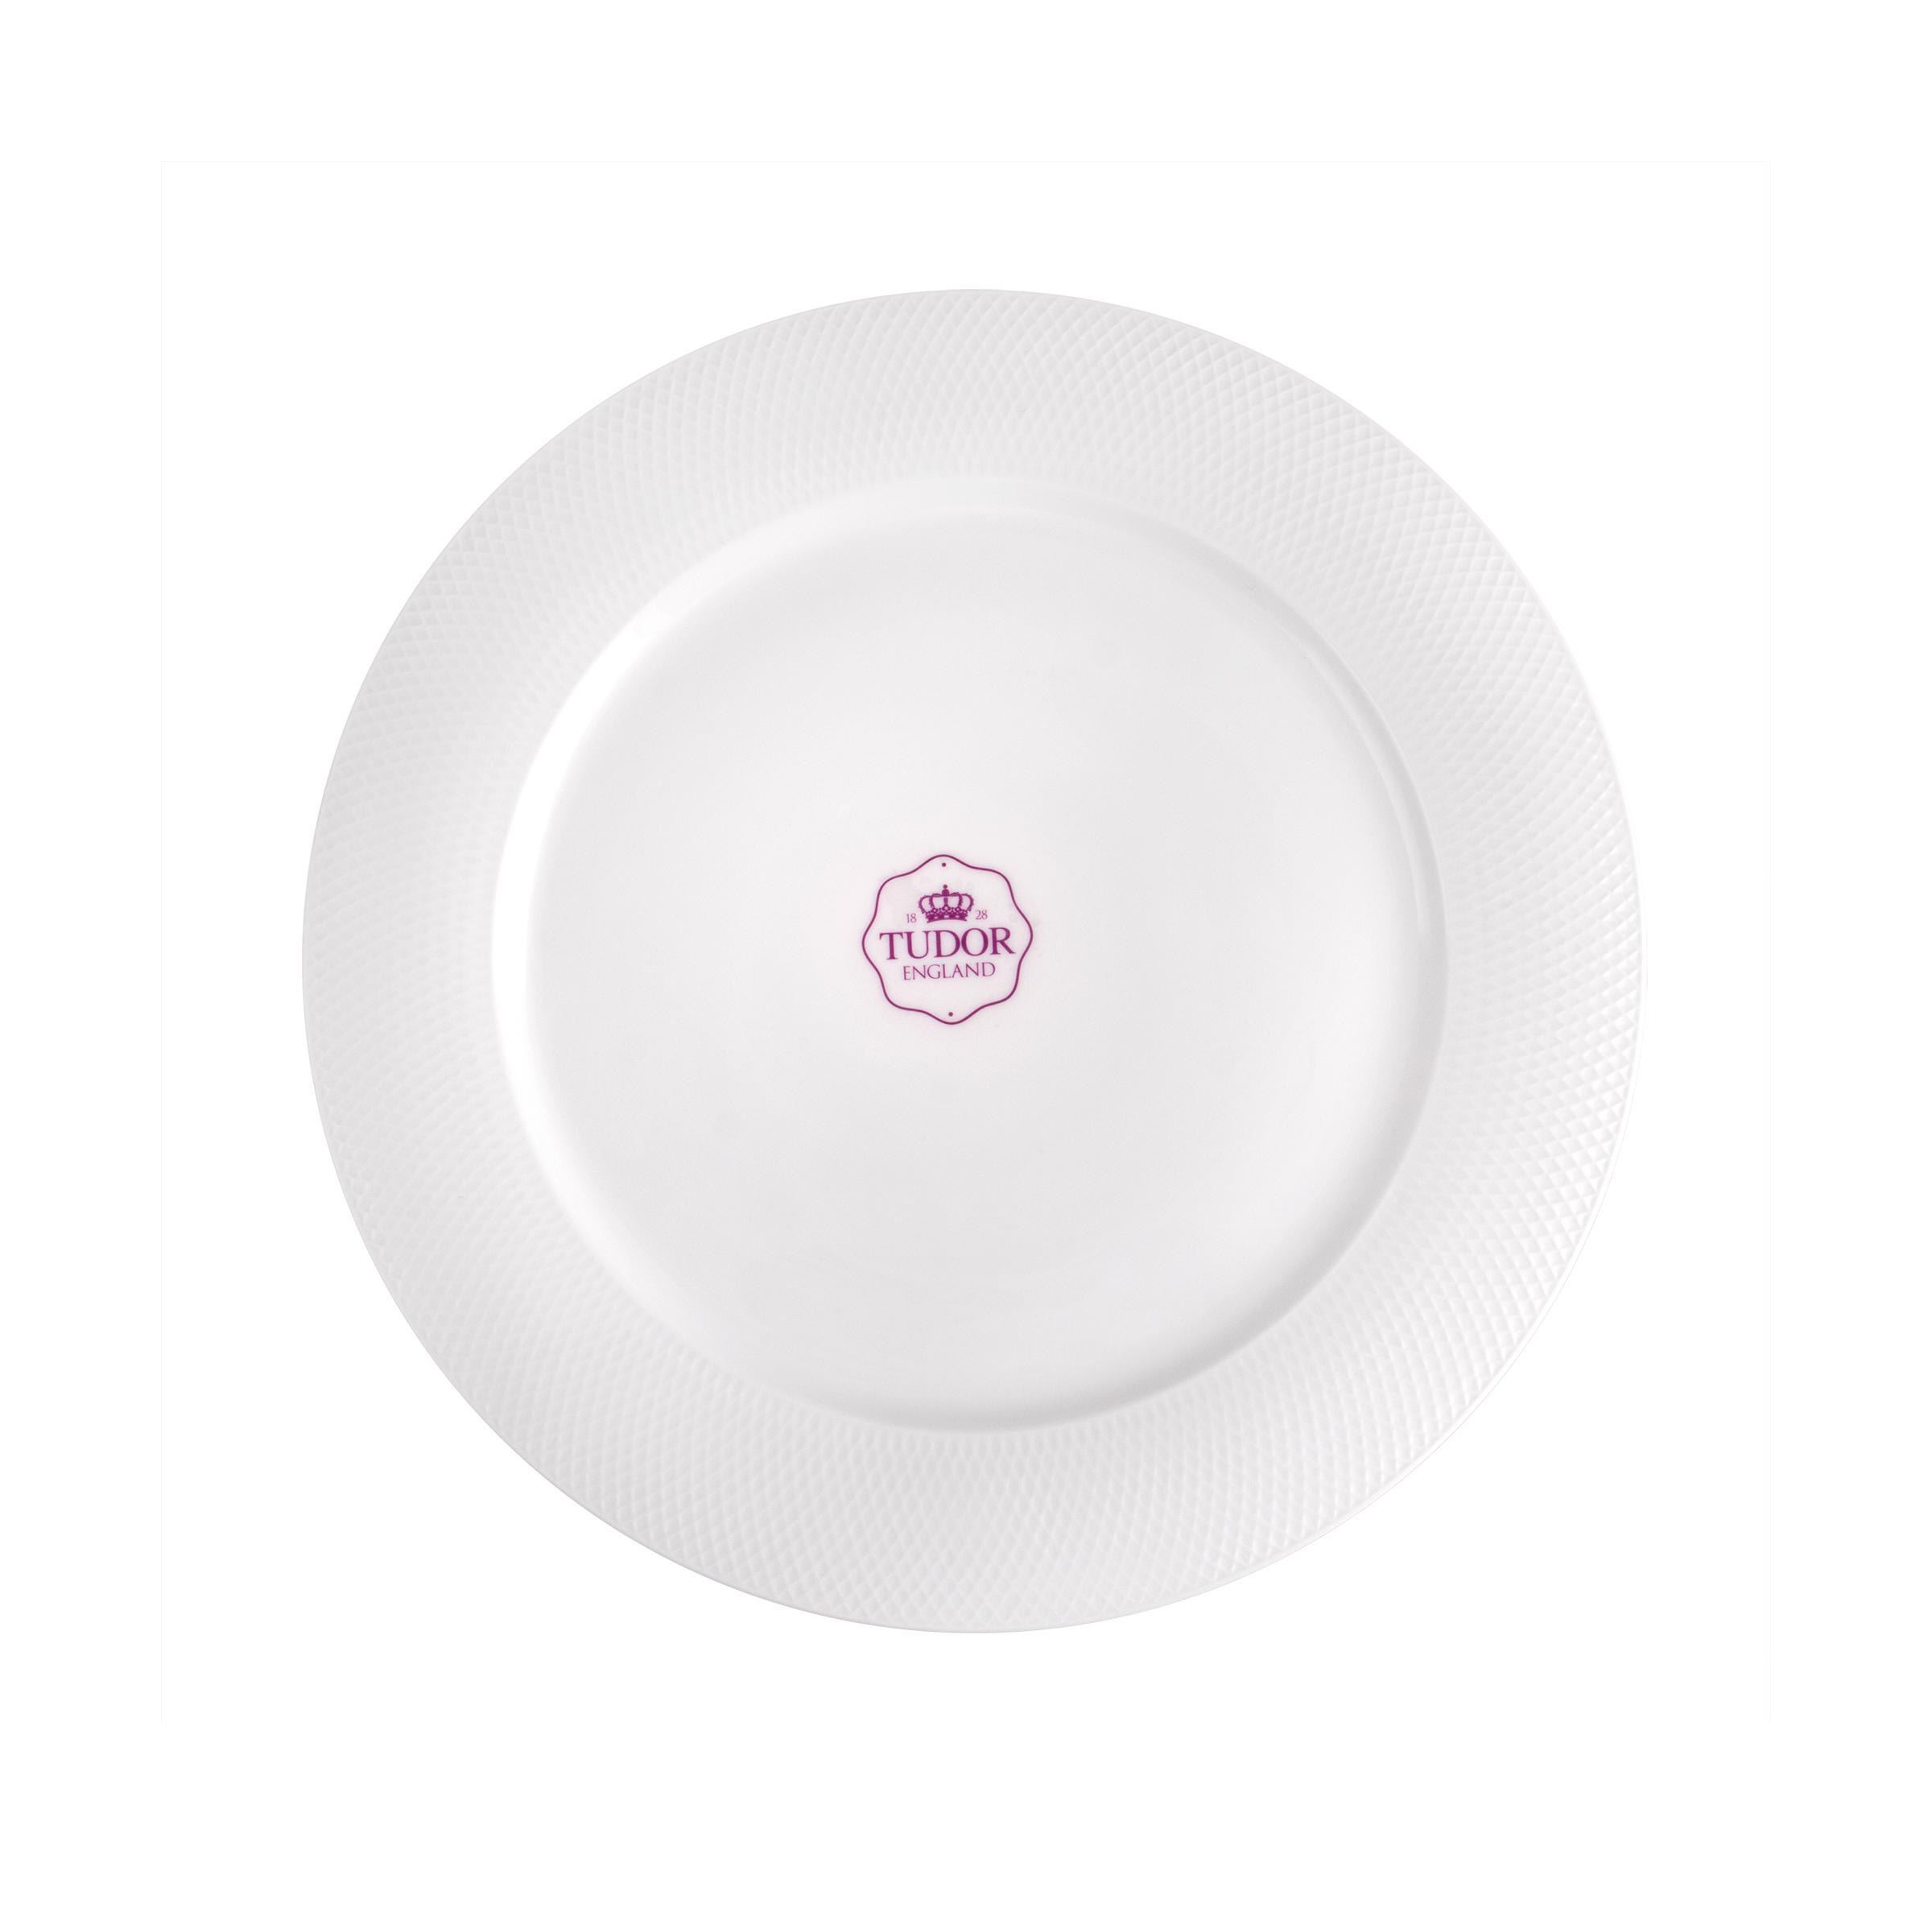 Тарелка обеденная 25 см TUDOR England